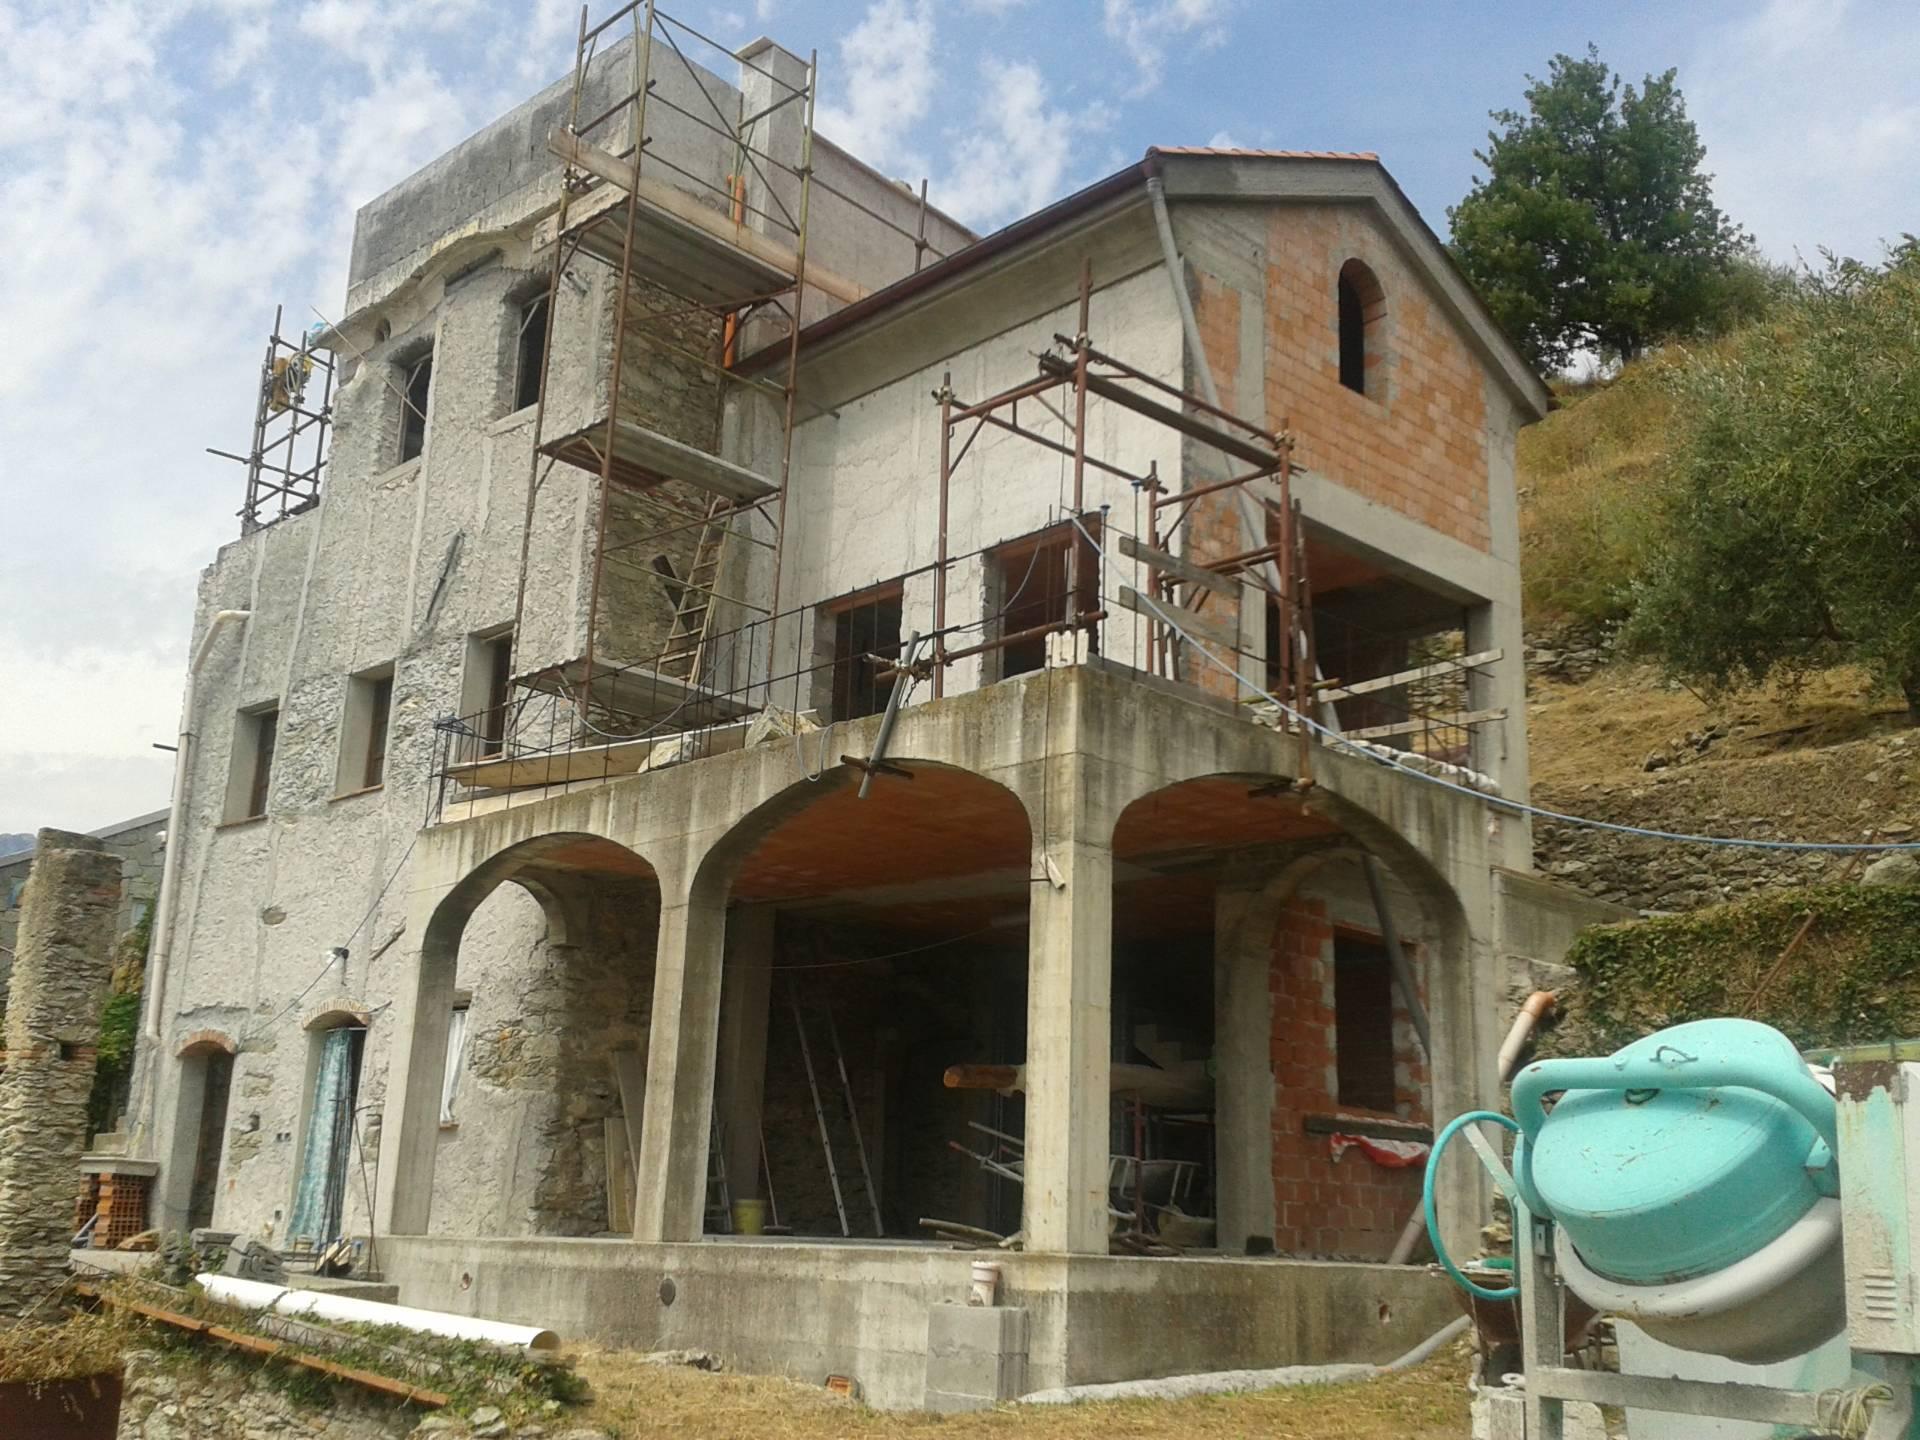 Rustico / Casale in vendita a Pietra Ligure, 6 locali, zona Località: ENTROTERRA, prezzo € 230.000 | CambioCasa.it